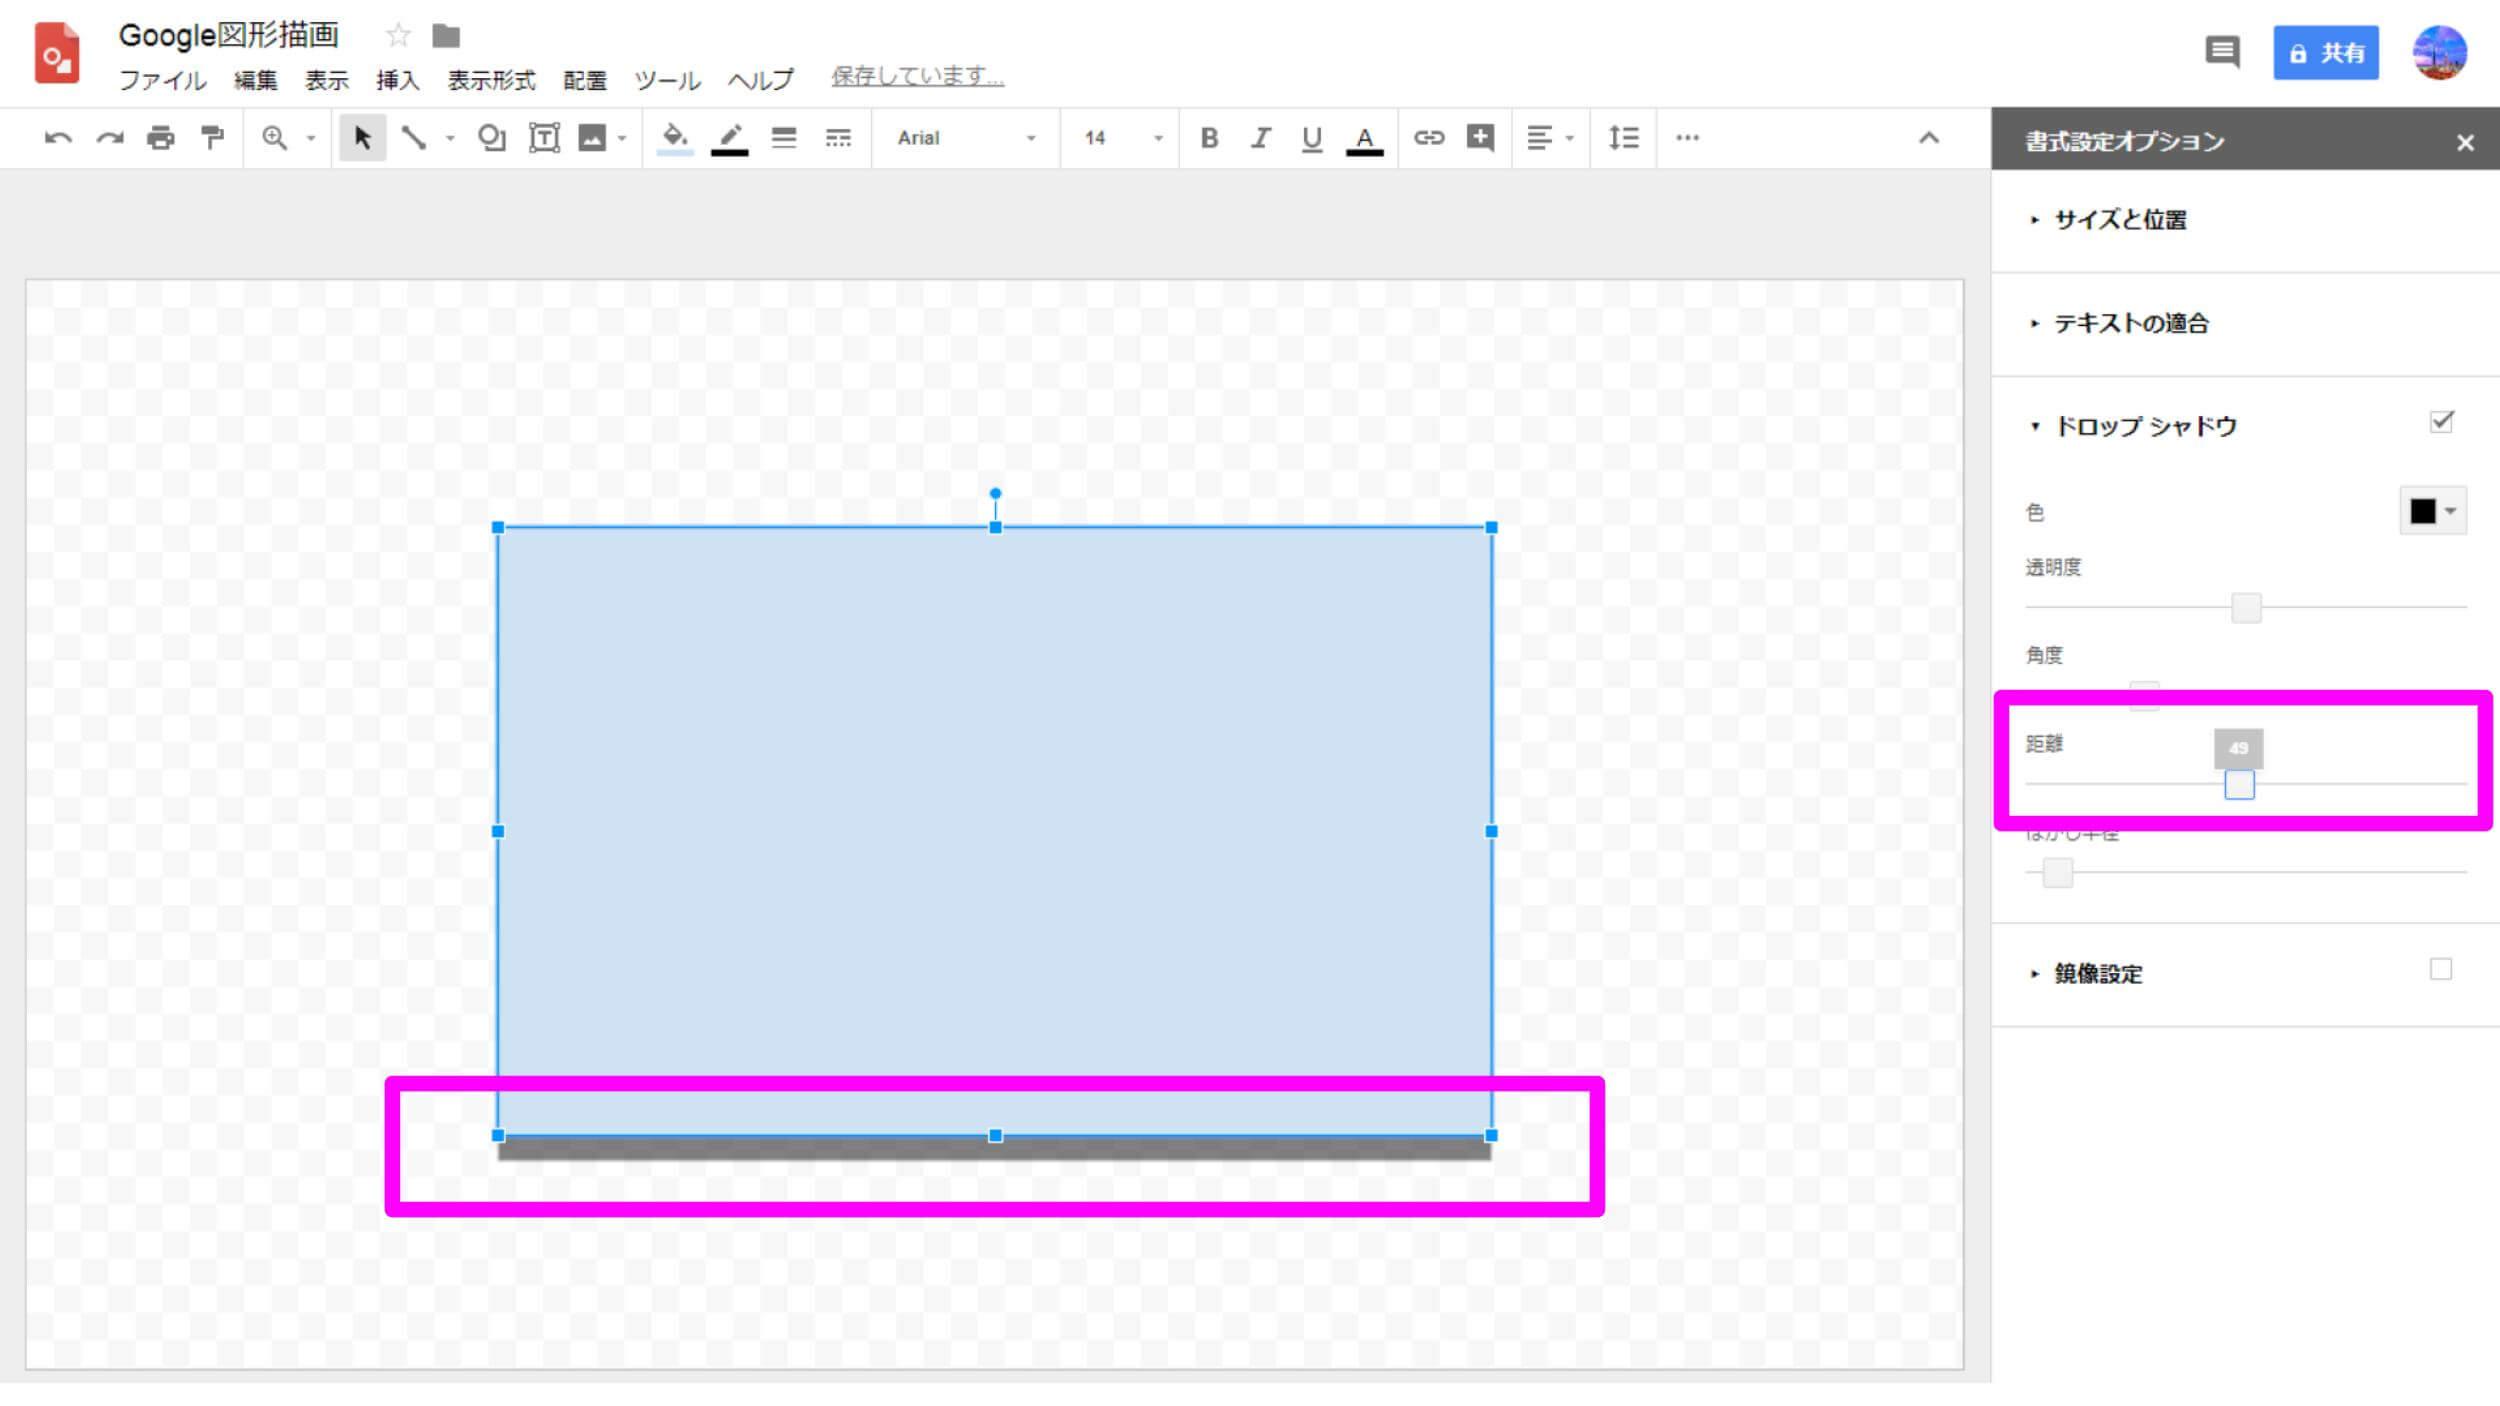 Google図形描画の使い方 ドロップシャドウ 距離スライダー